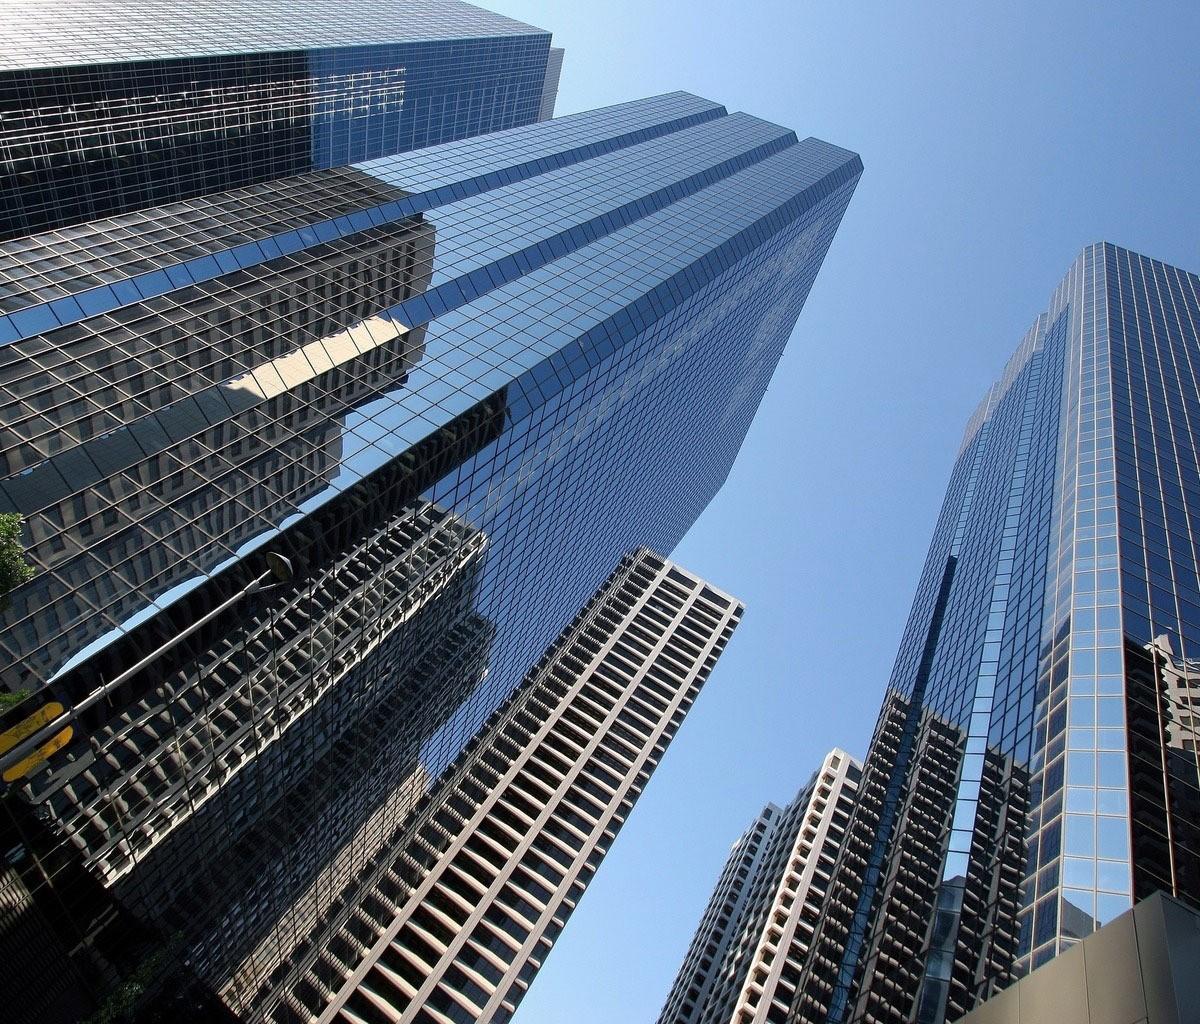 http://1.bp.blogspot.com/-dRKQONDHsaE/TsGtkxC6-4I/AAAAAAAAAaY/TRwPzEW7isQ/s1600/skyscrapers-1200x1024.jpg